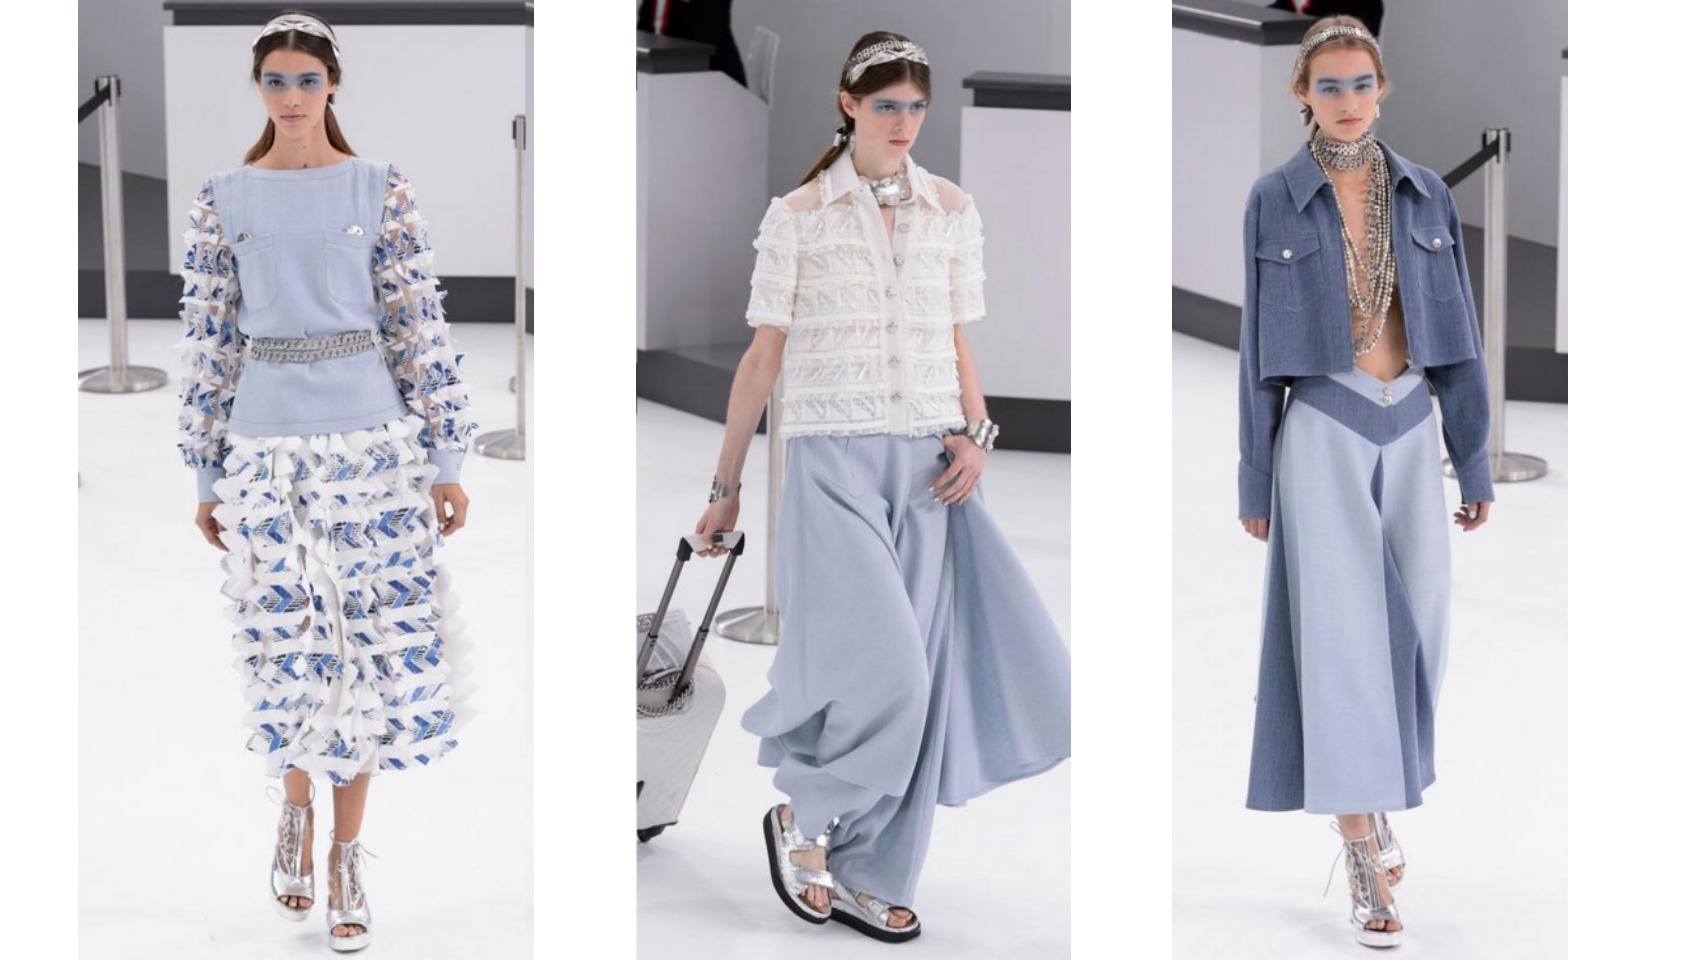 Modelos en azul serenidad del desfile Primavera/ Verano 2016 de Chanel.